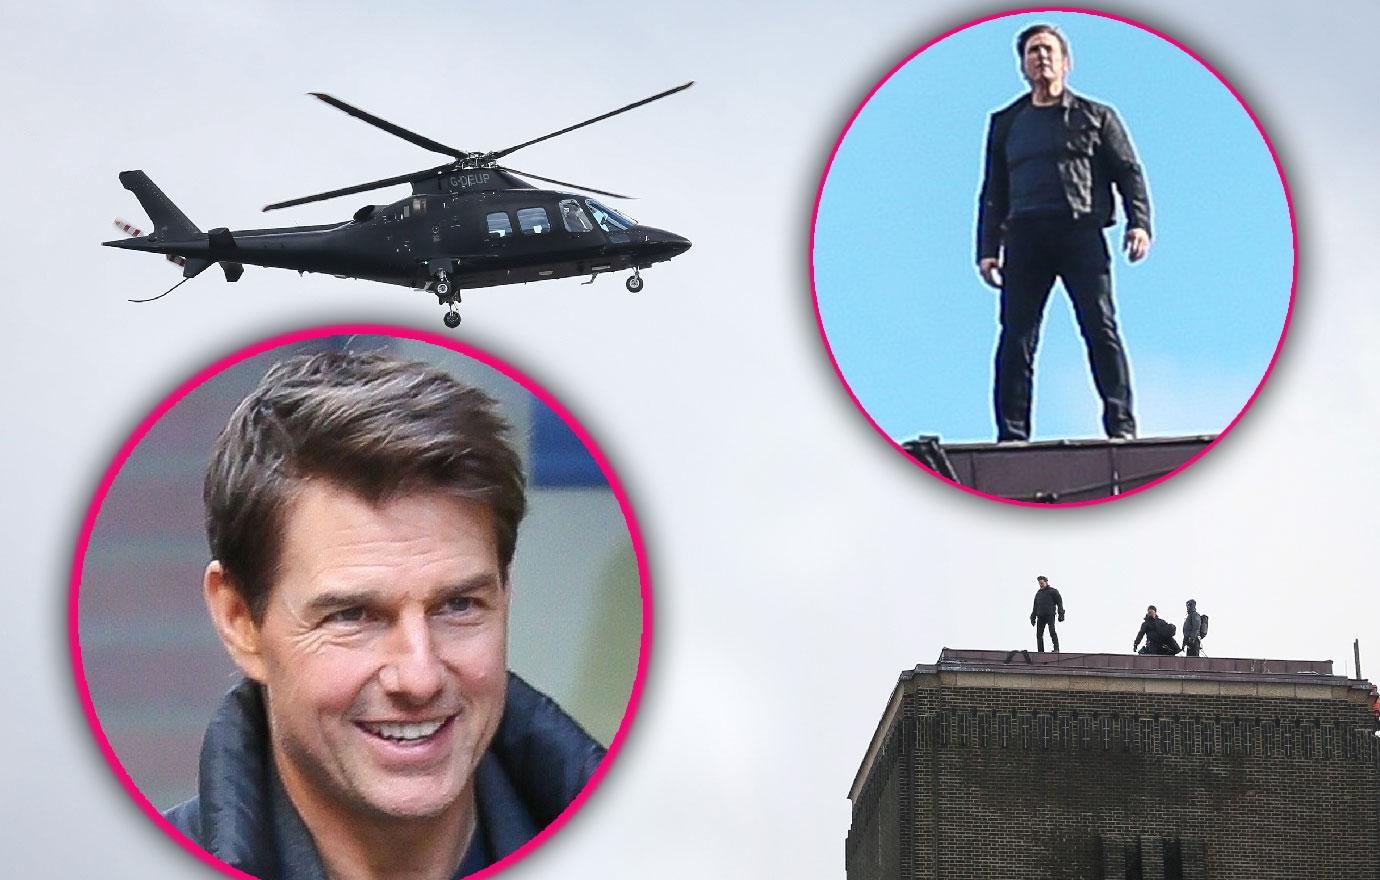 Tom Cruise Back On Mission Impossible Set After Broken Ankle